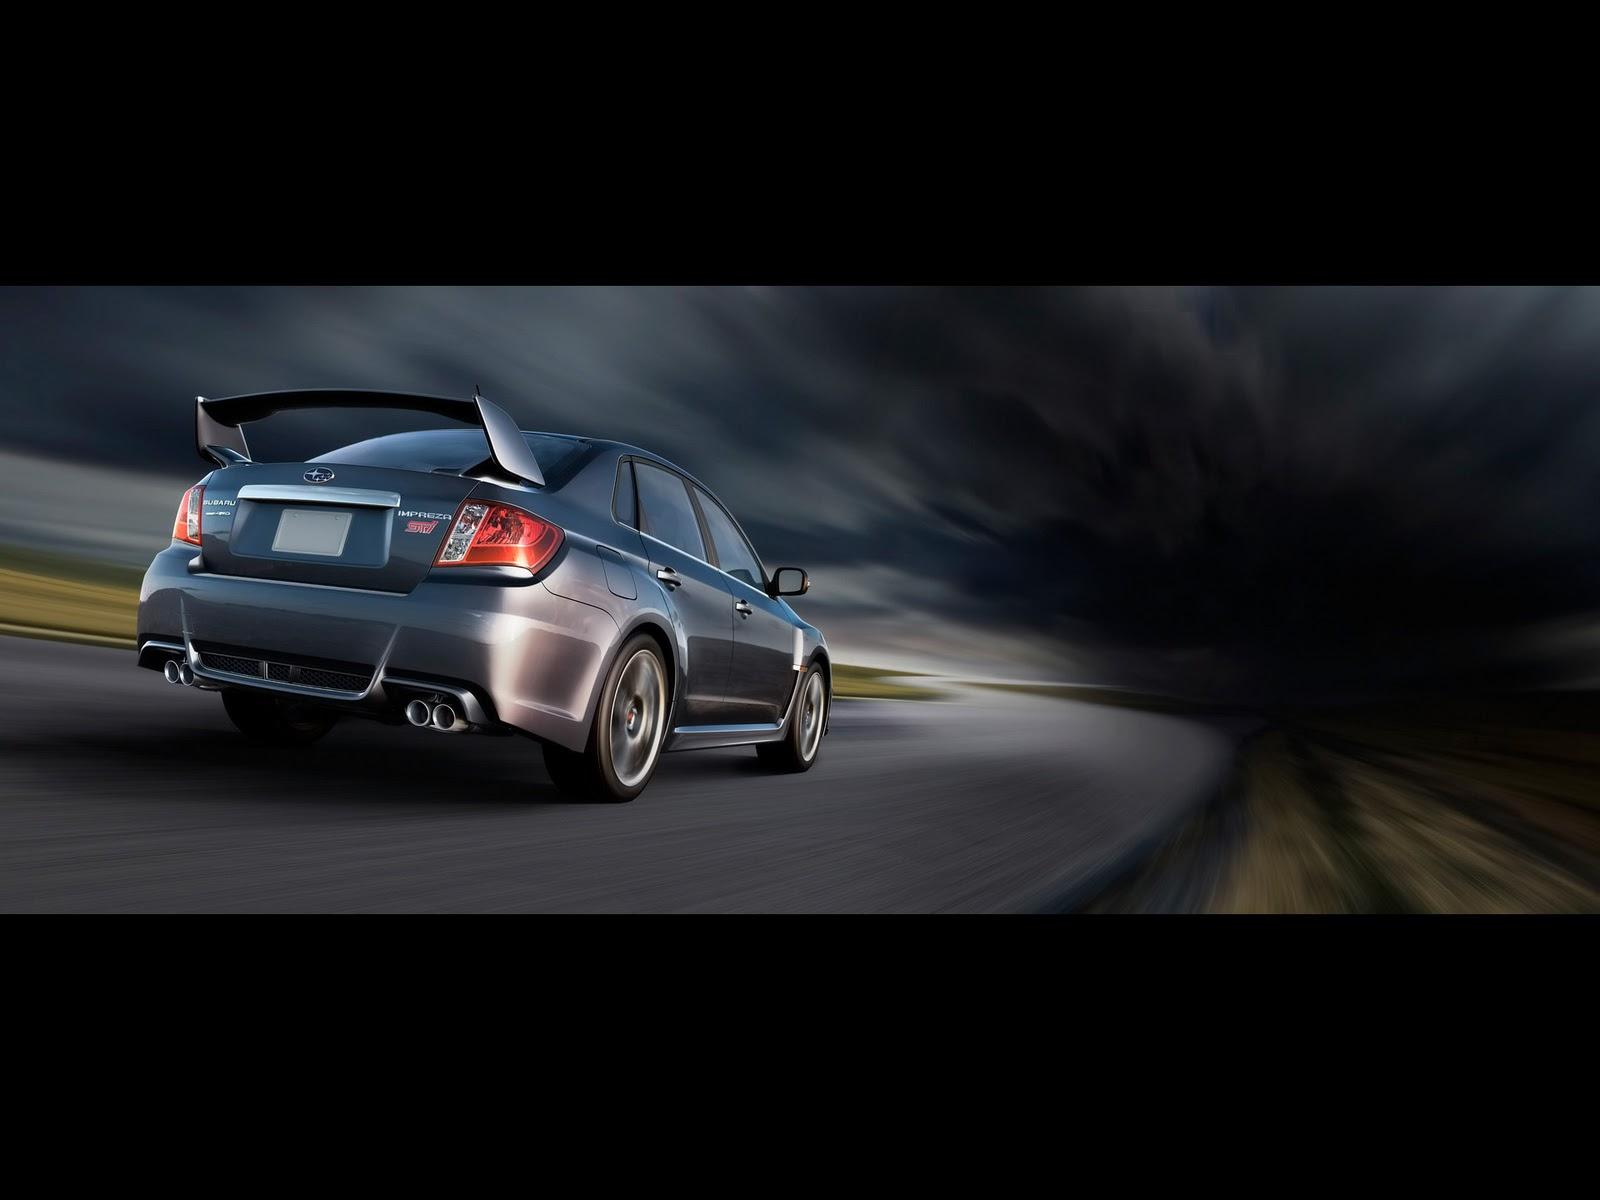 http://2.bp.blogspot.com/_viCh1SFyGrA/TPHt9jeDVGI/AAAAAAAAAK4/0KSXcoxgBlI/s1600/2011-Subaru-Impreza-WRX-STI-4-door-Speed-Rear-Angle-1920x1440.jpg